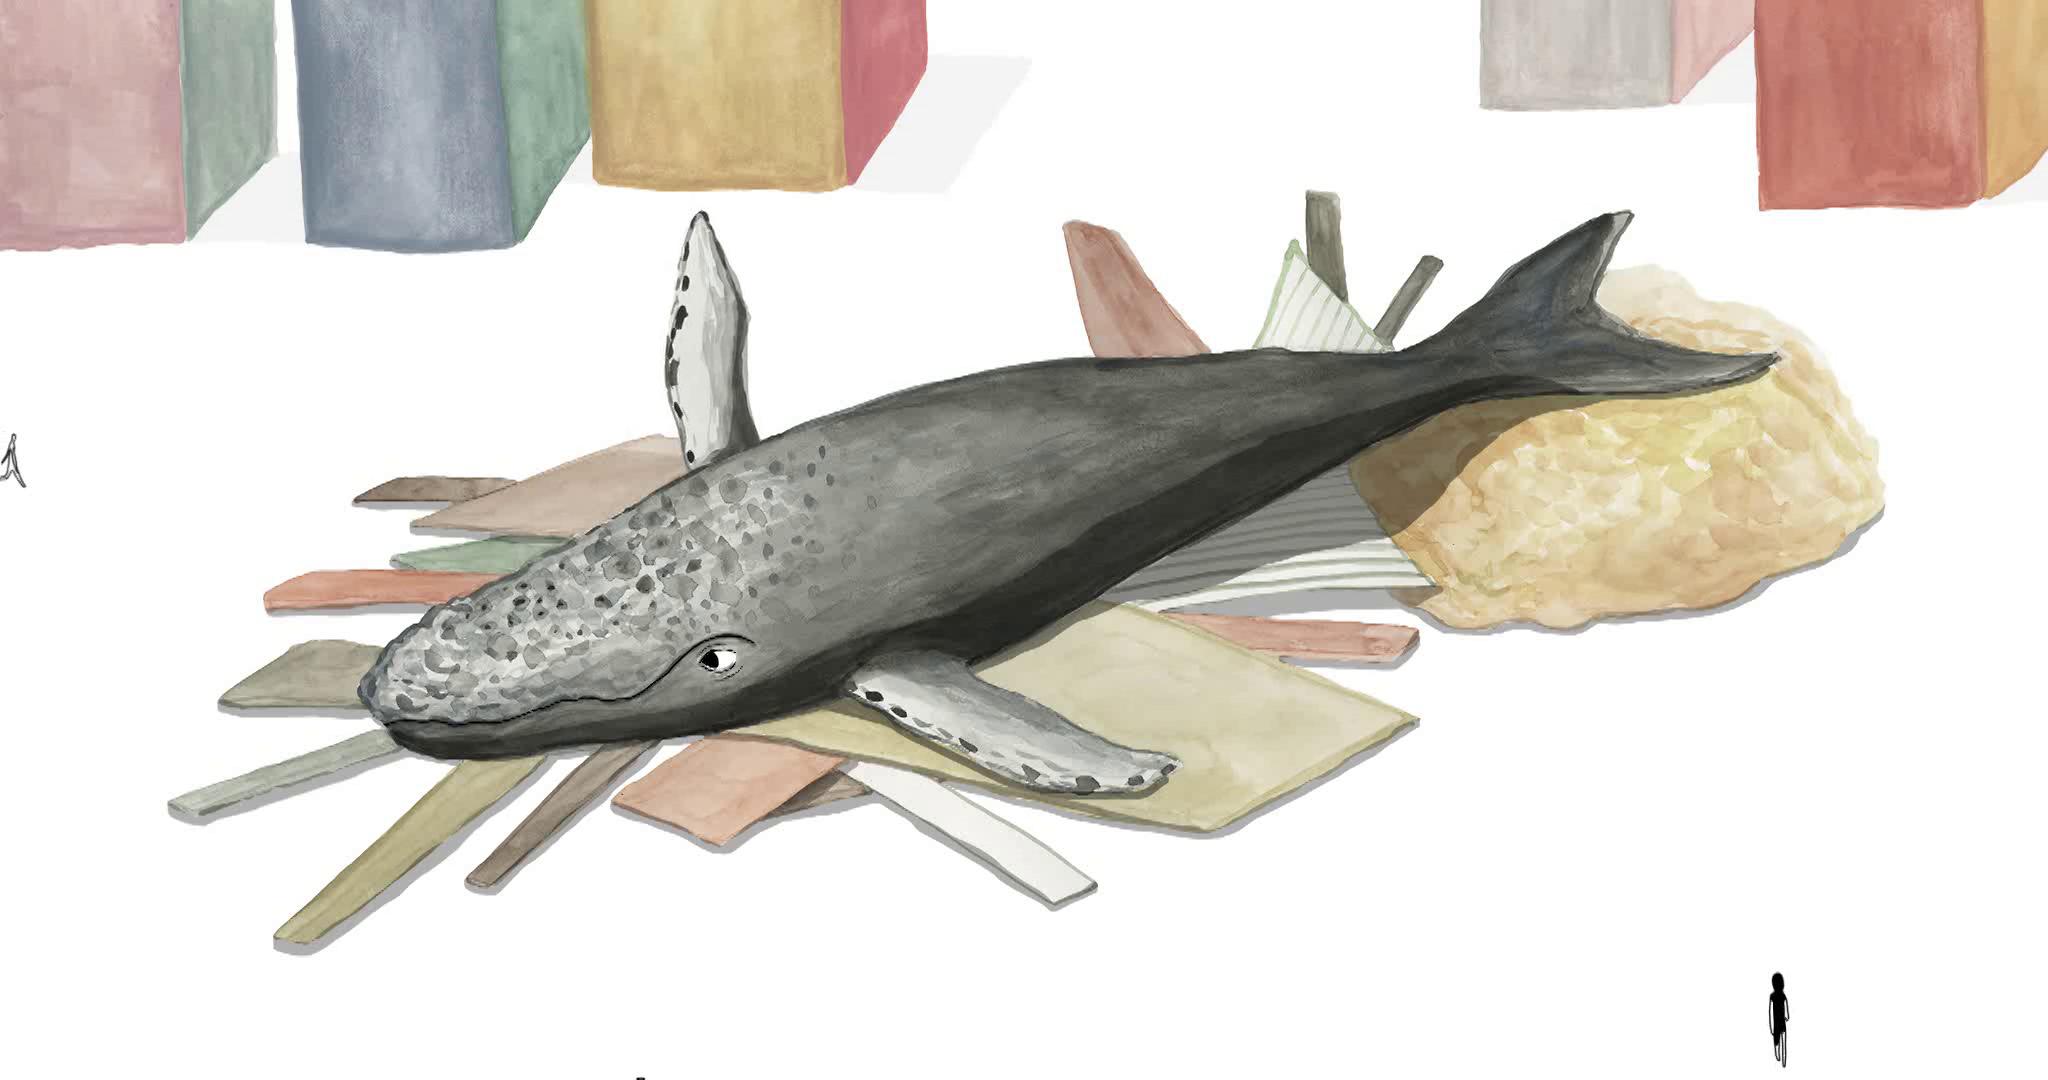 KONKURS_KROTKIMETRAZ_The Whale in the Room 1